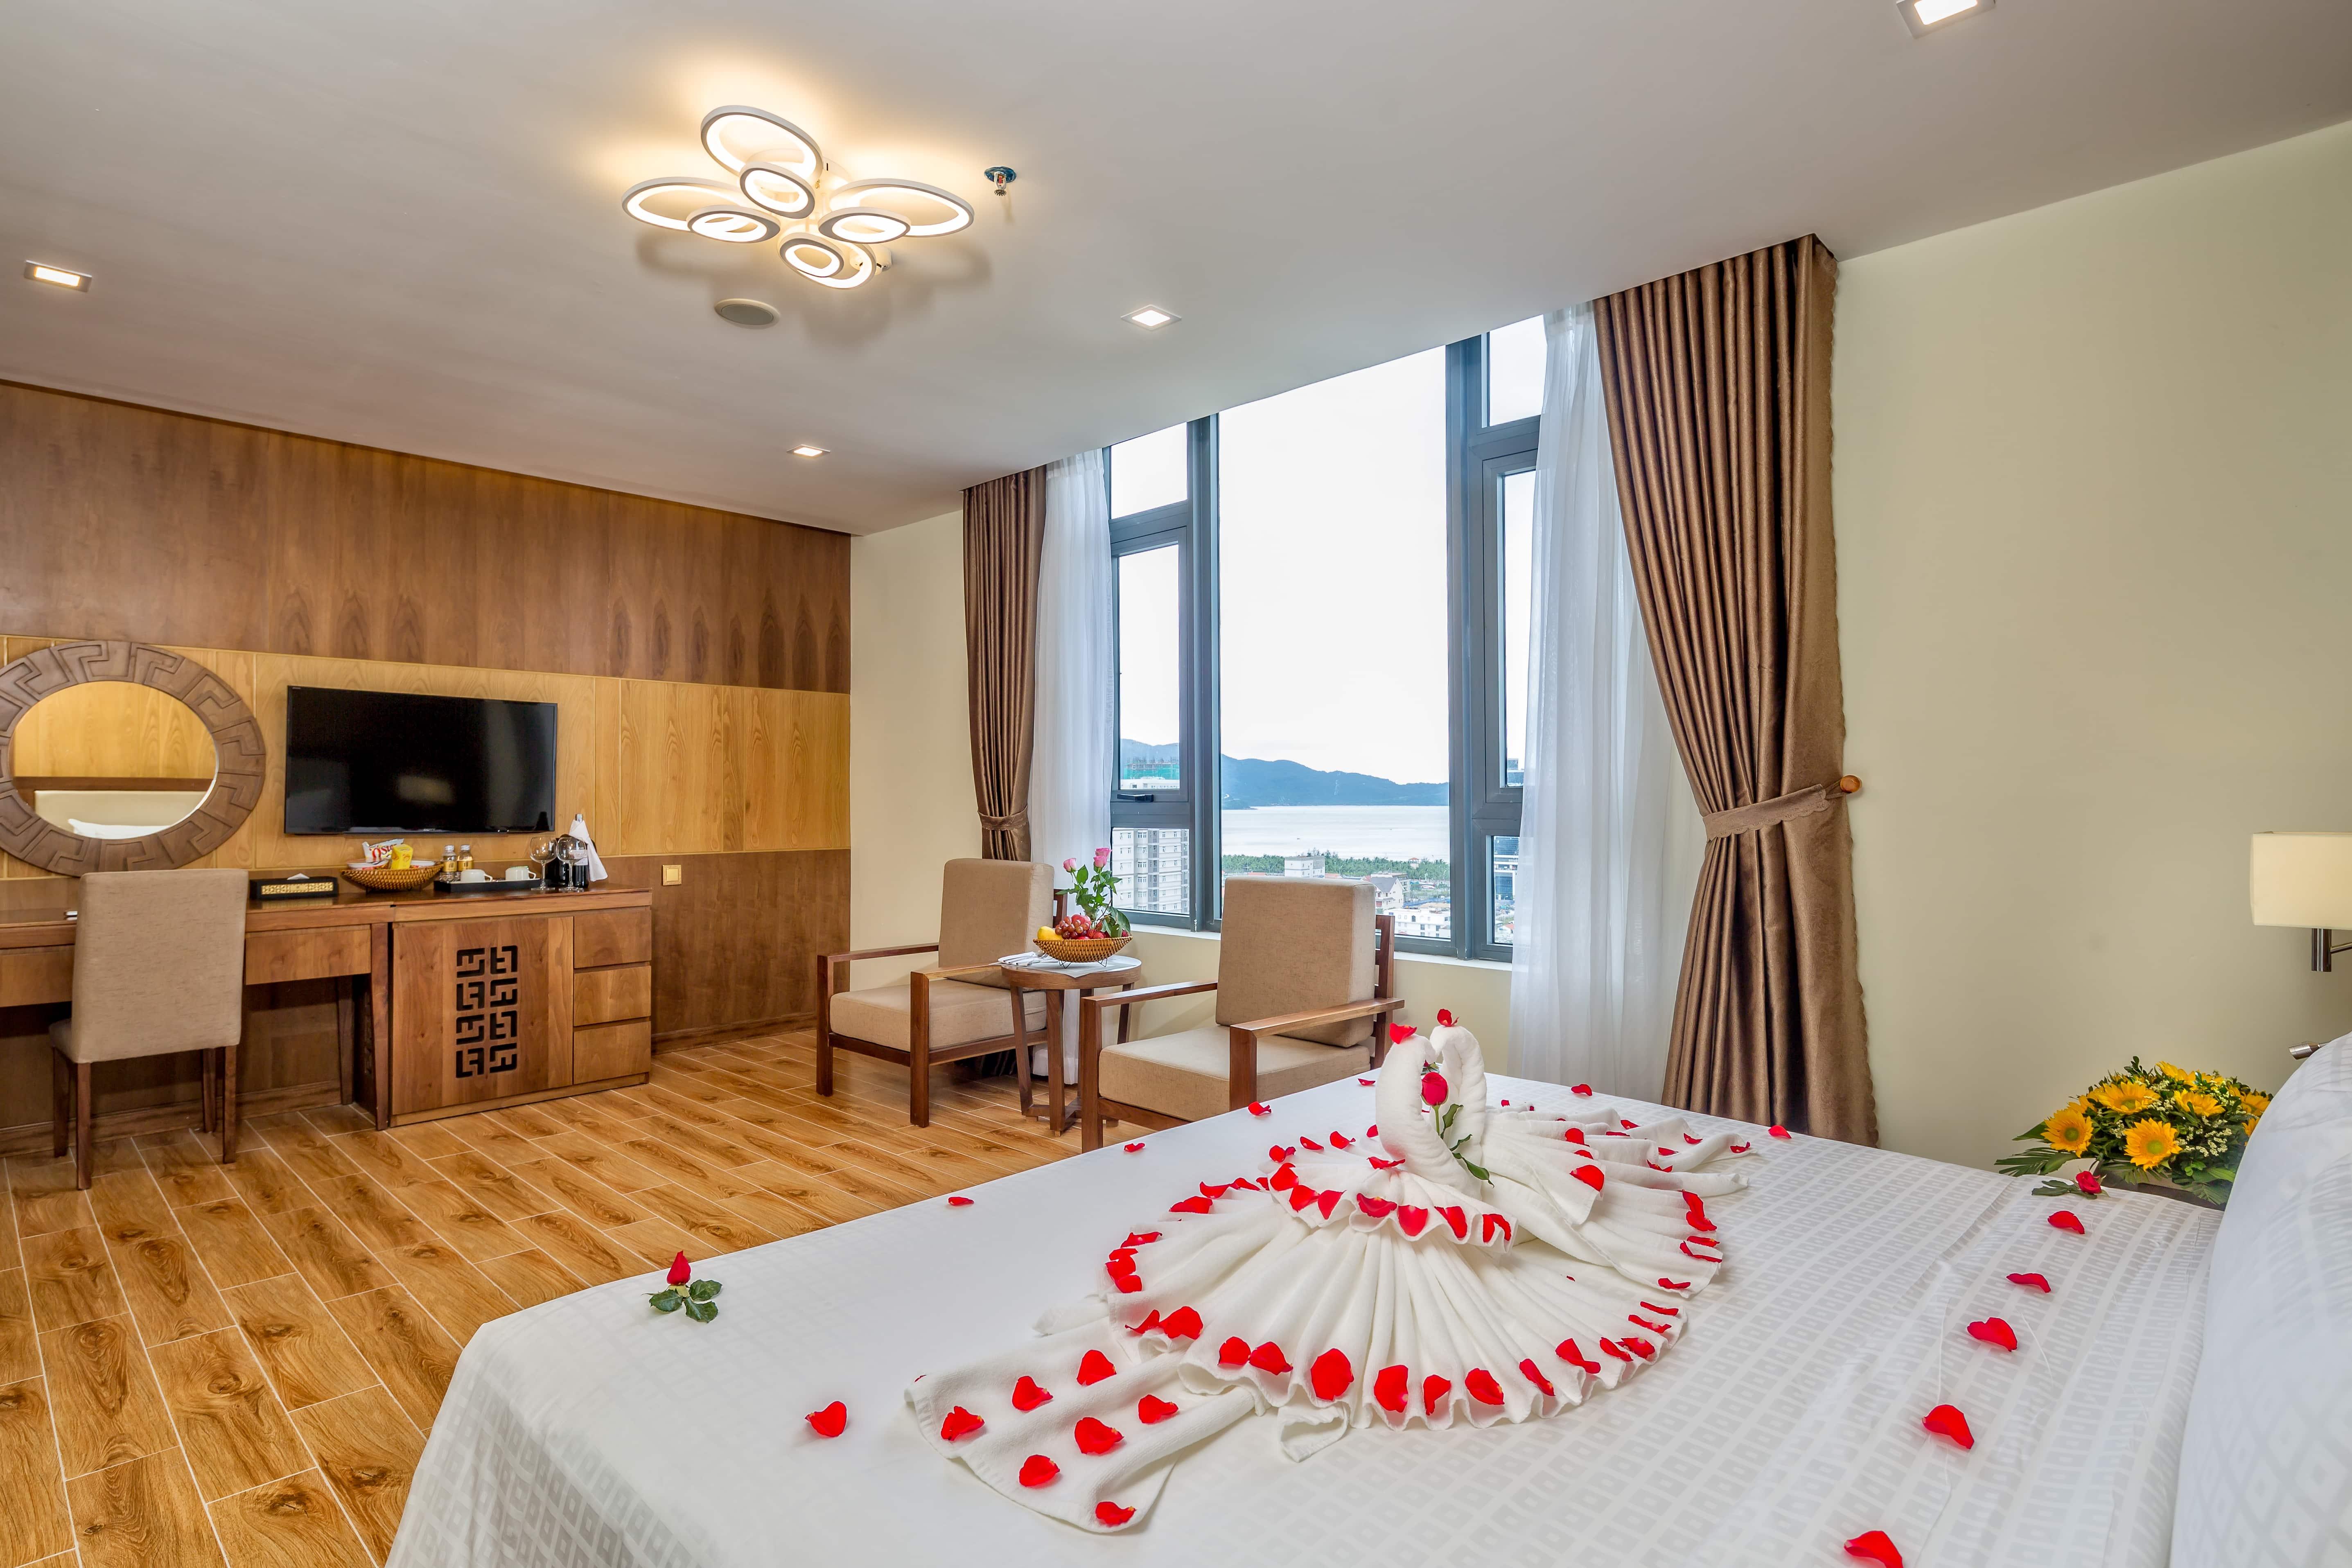 Top 10 khách sạn ở Đà Nẵng dành cho các cặp đôi honeymoon